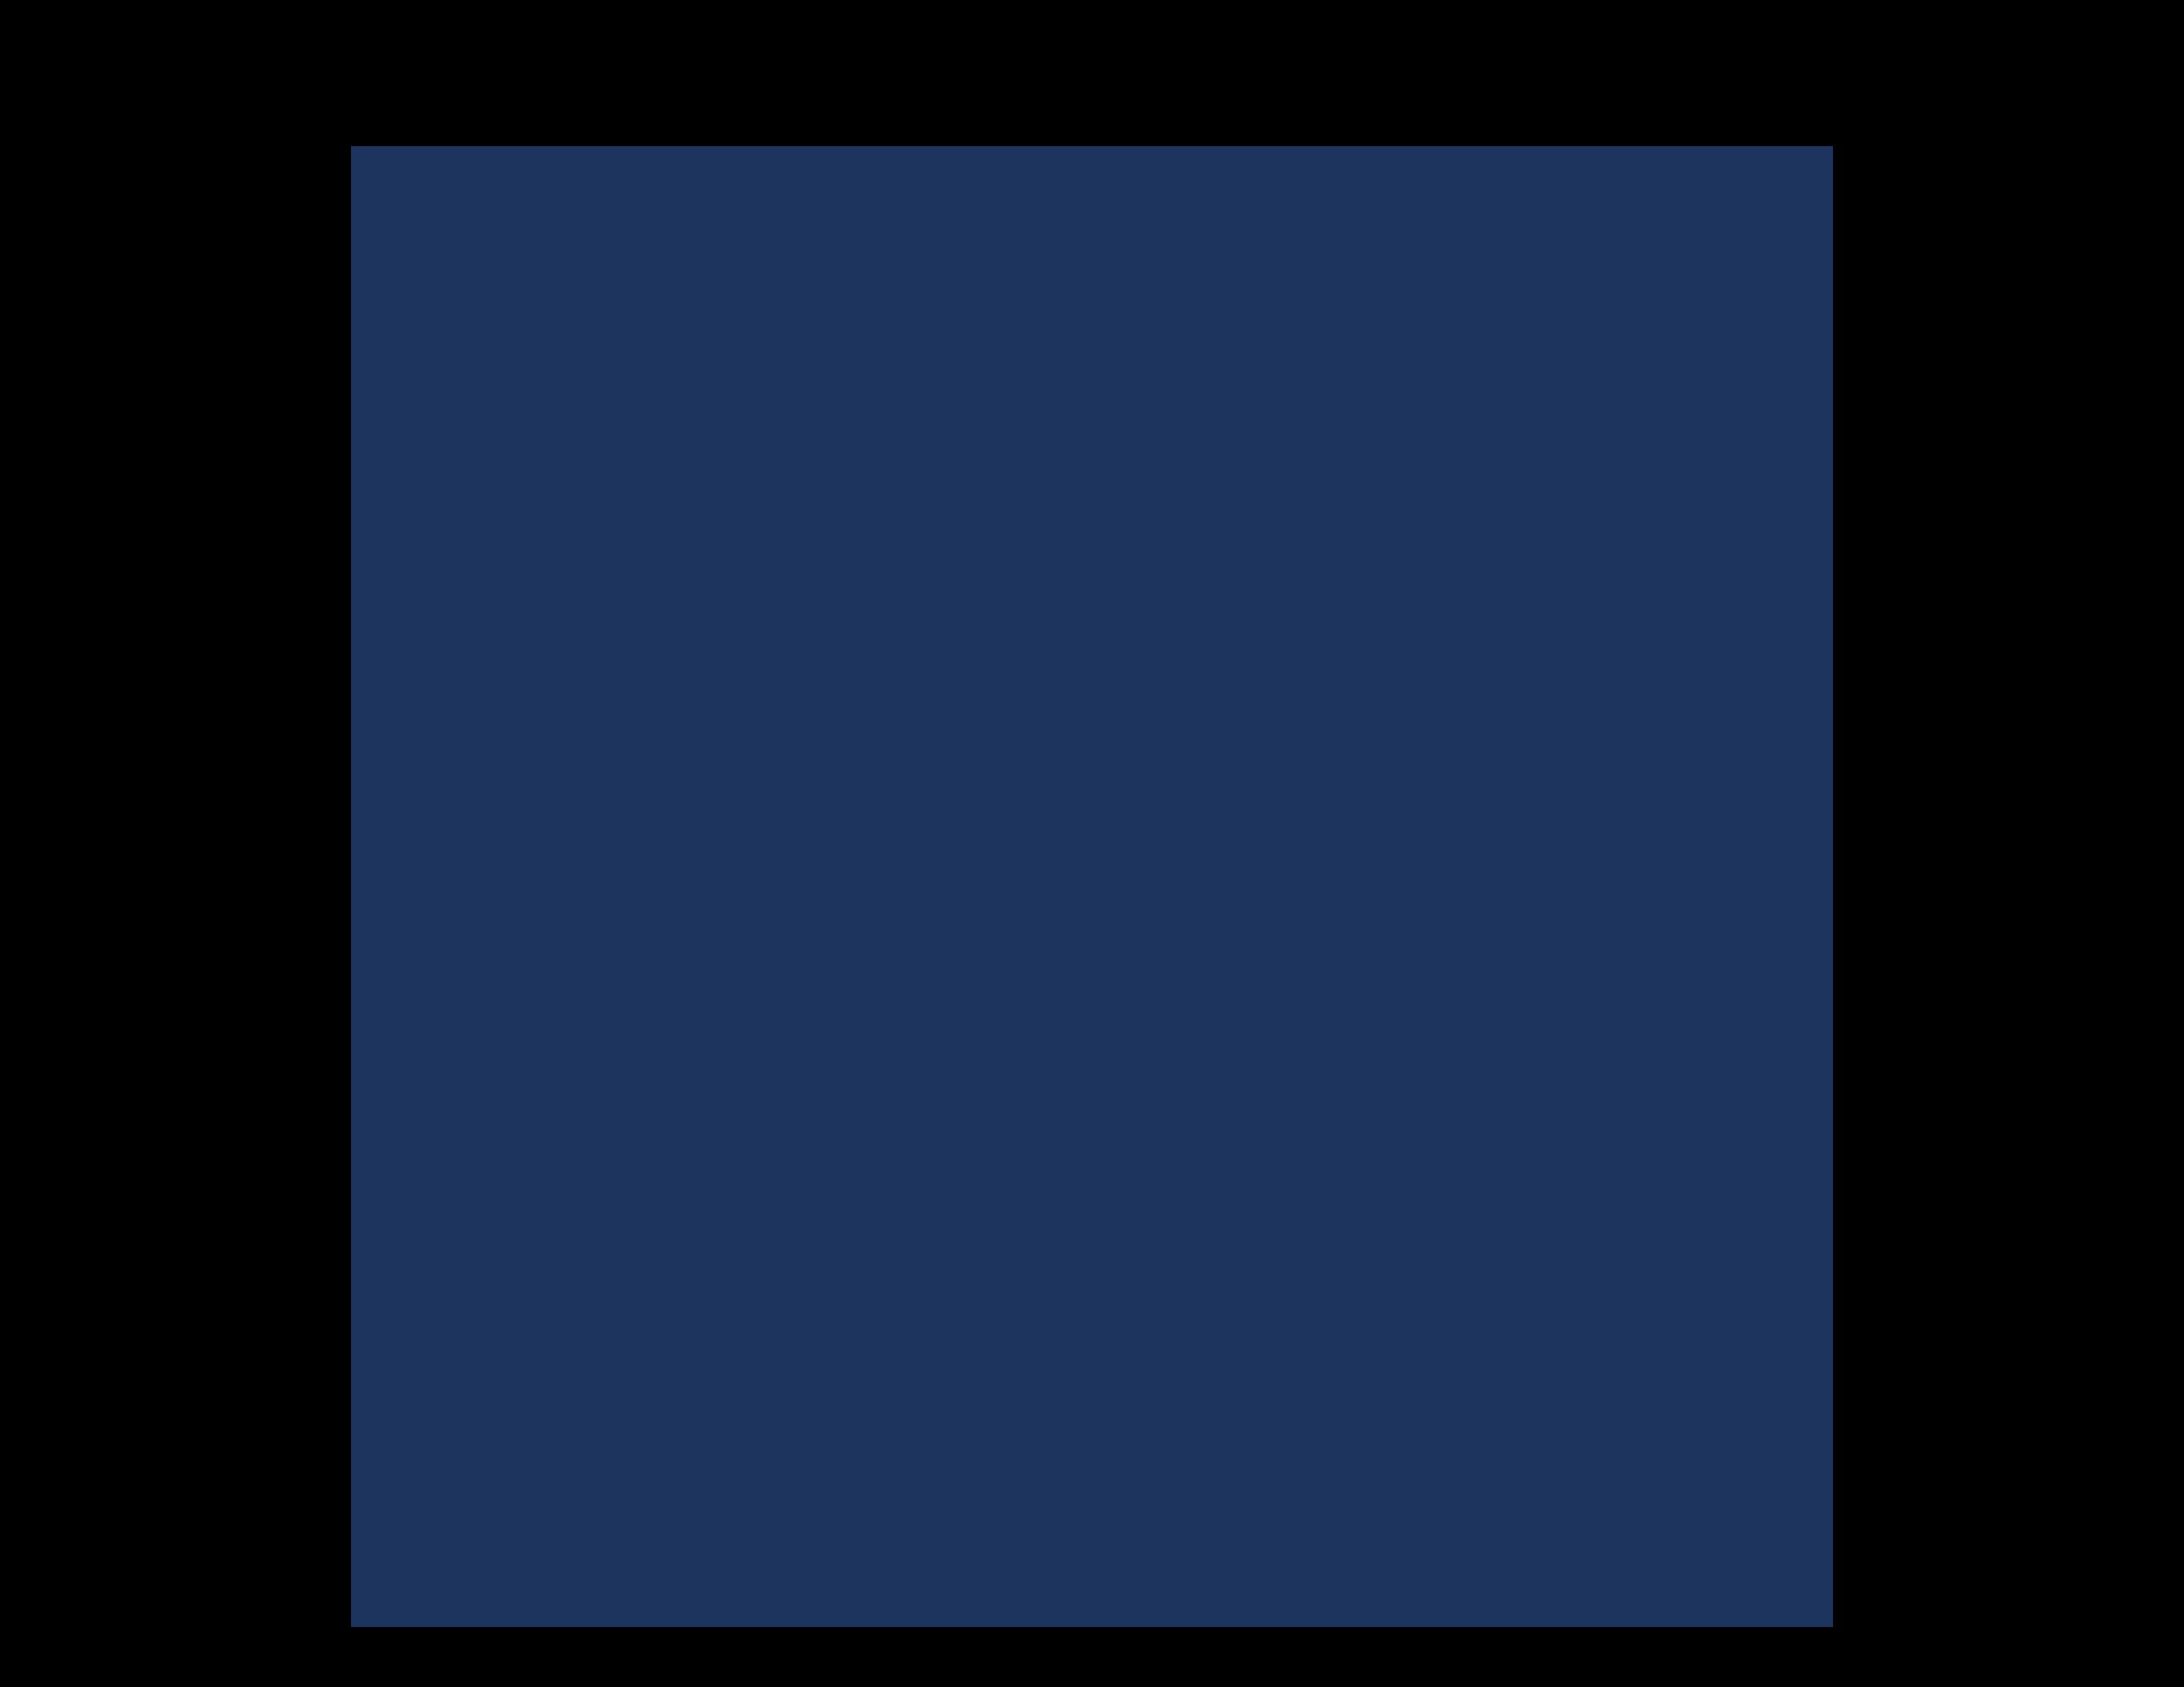 IBM Maximo eam inventory management